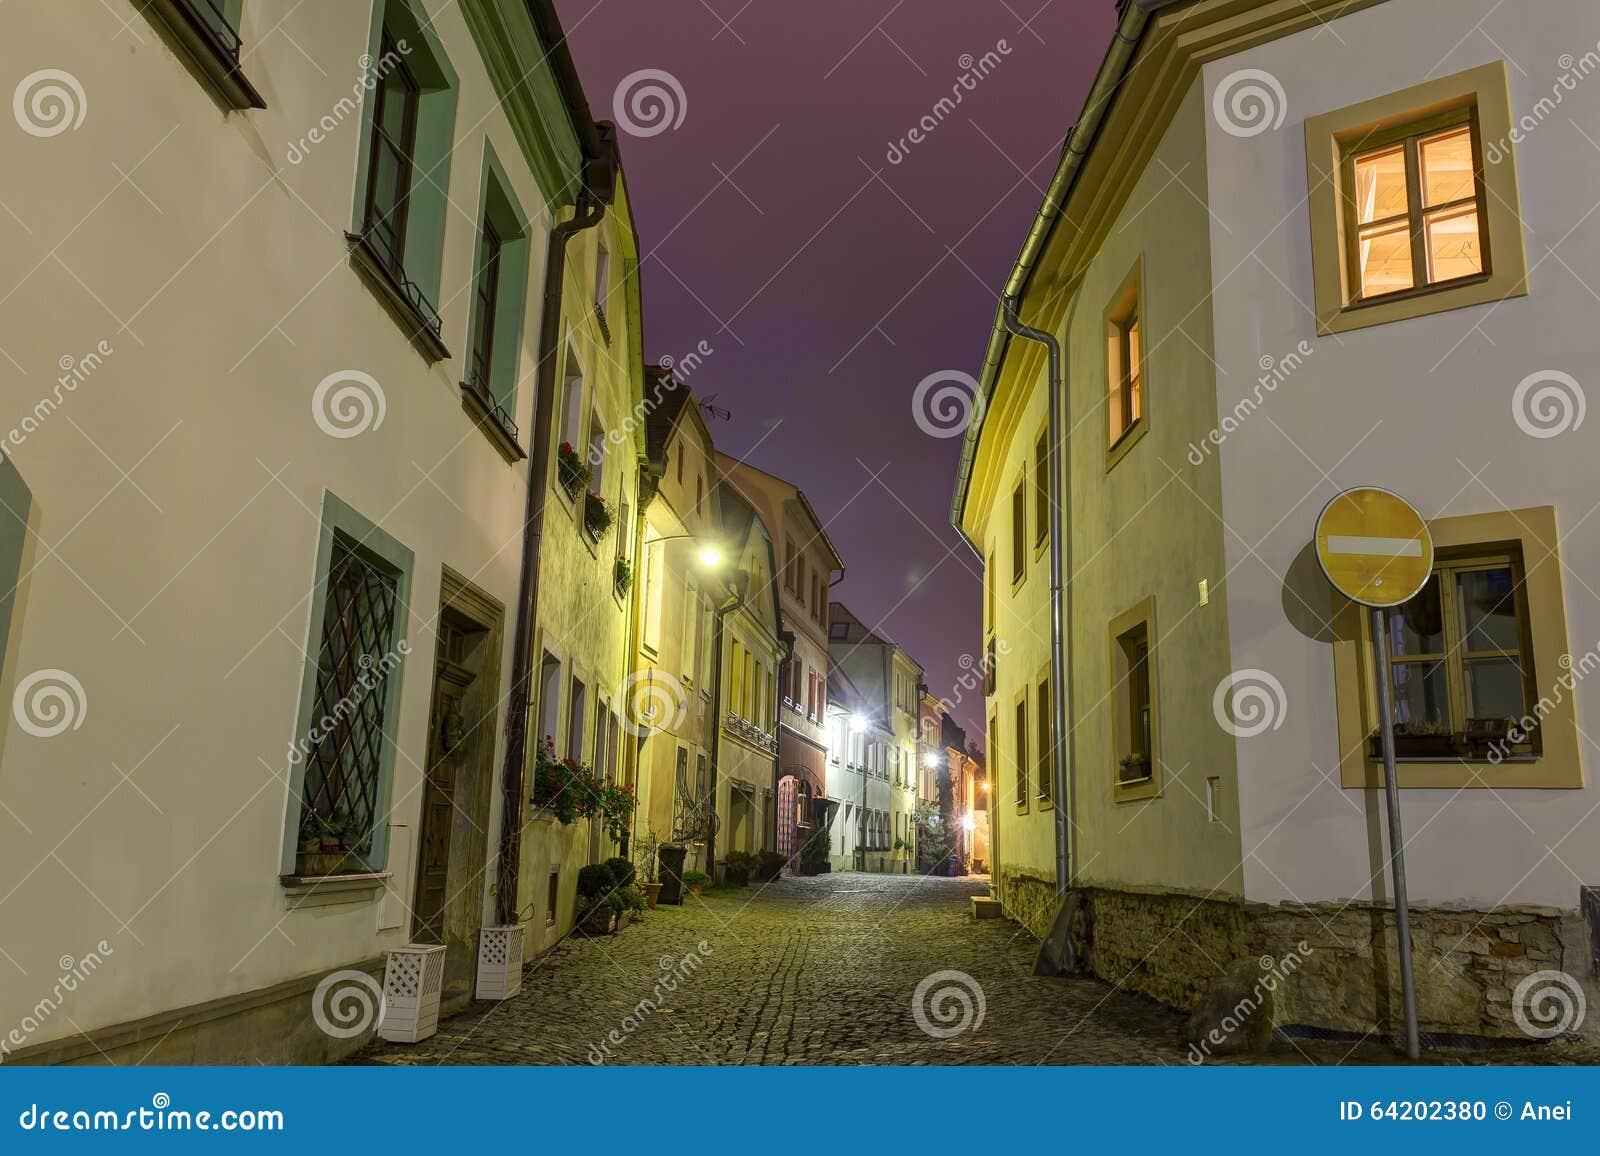 Foto de HDR de la calle y de las casas históricas de la ciudad vieja de Olomouc en la noche, República Checa